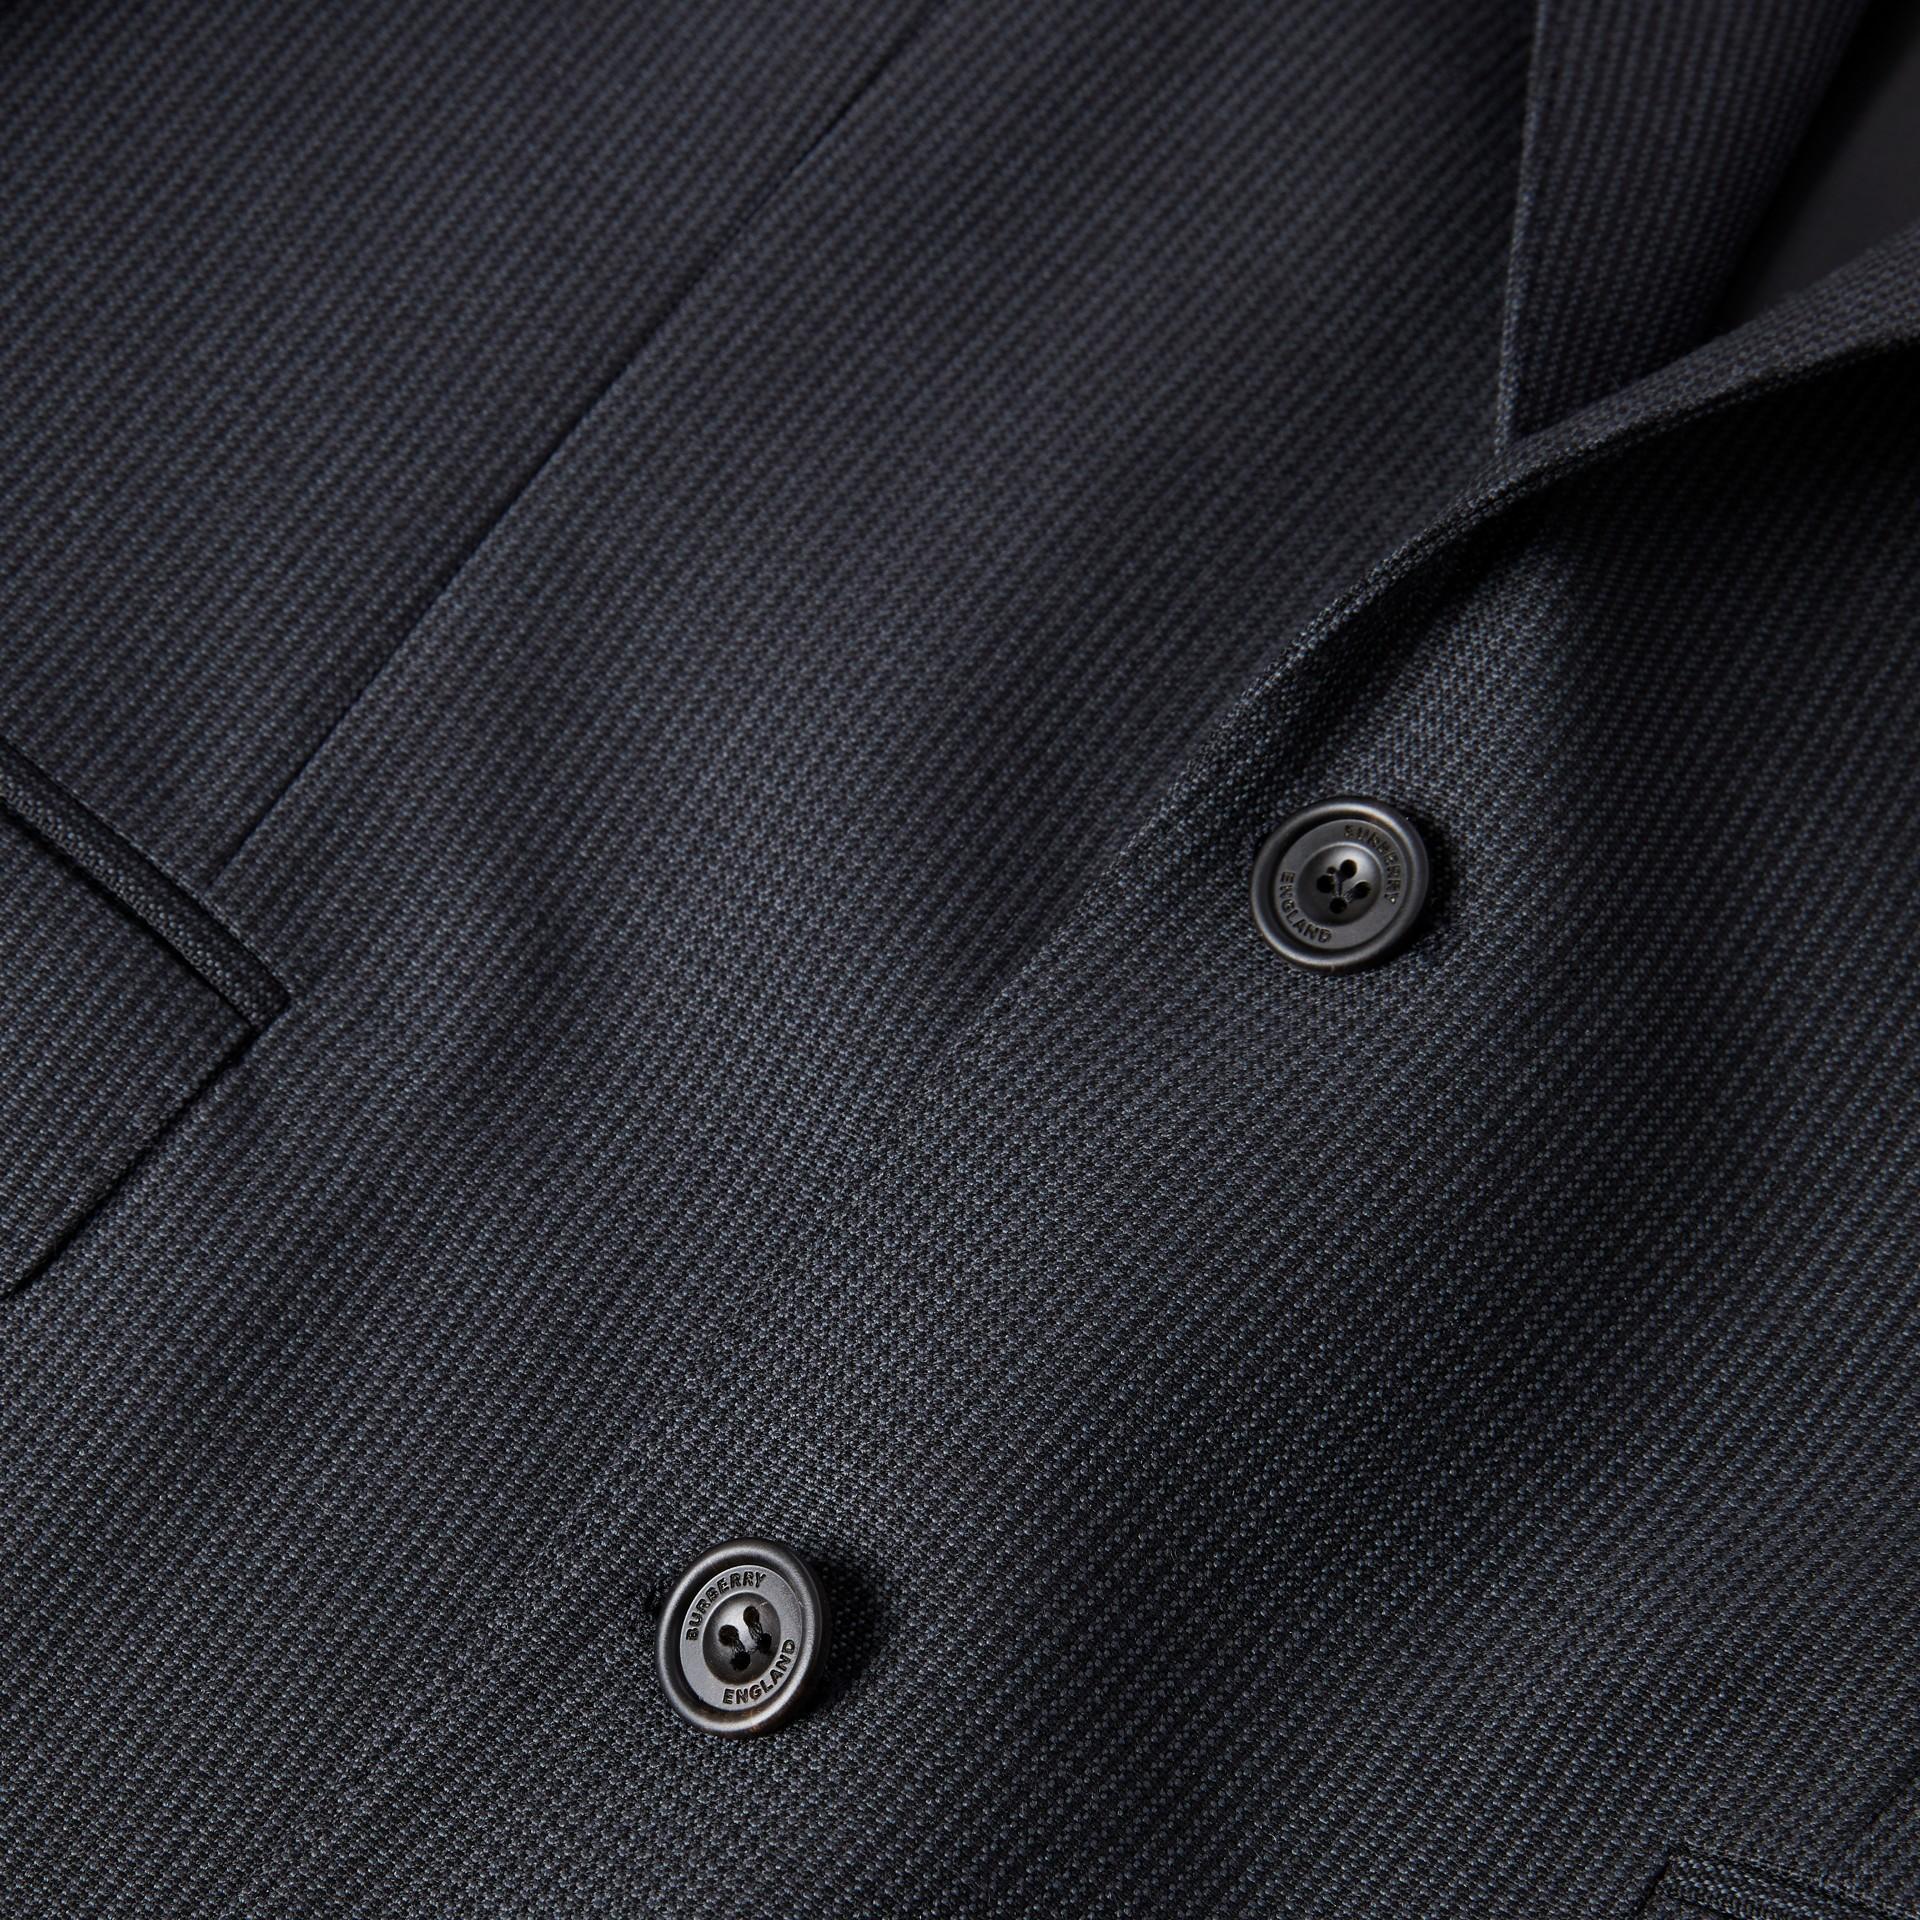 クラシックフィット パピートゥースチェック ウールモヘア スーツ (ネイビー) - メンズ | バーバリー - ギャラリーイメージ 8